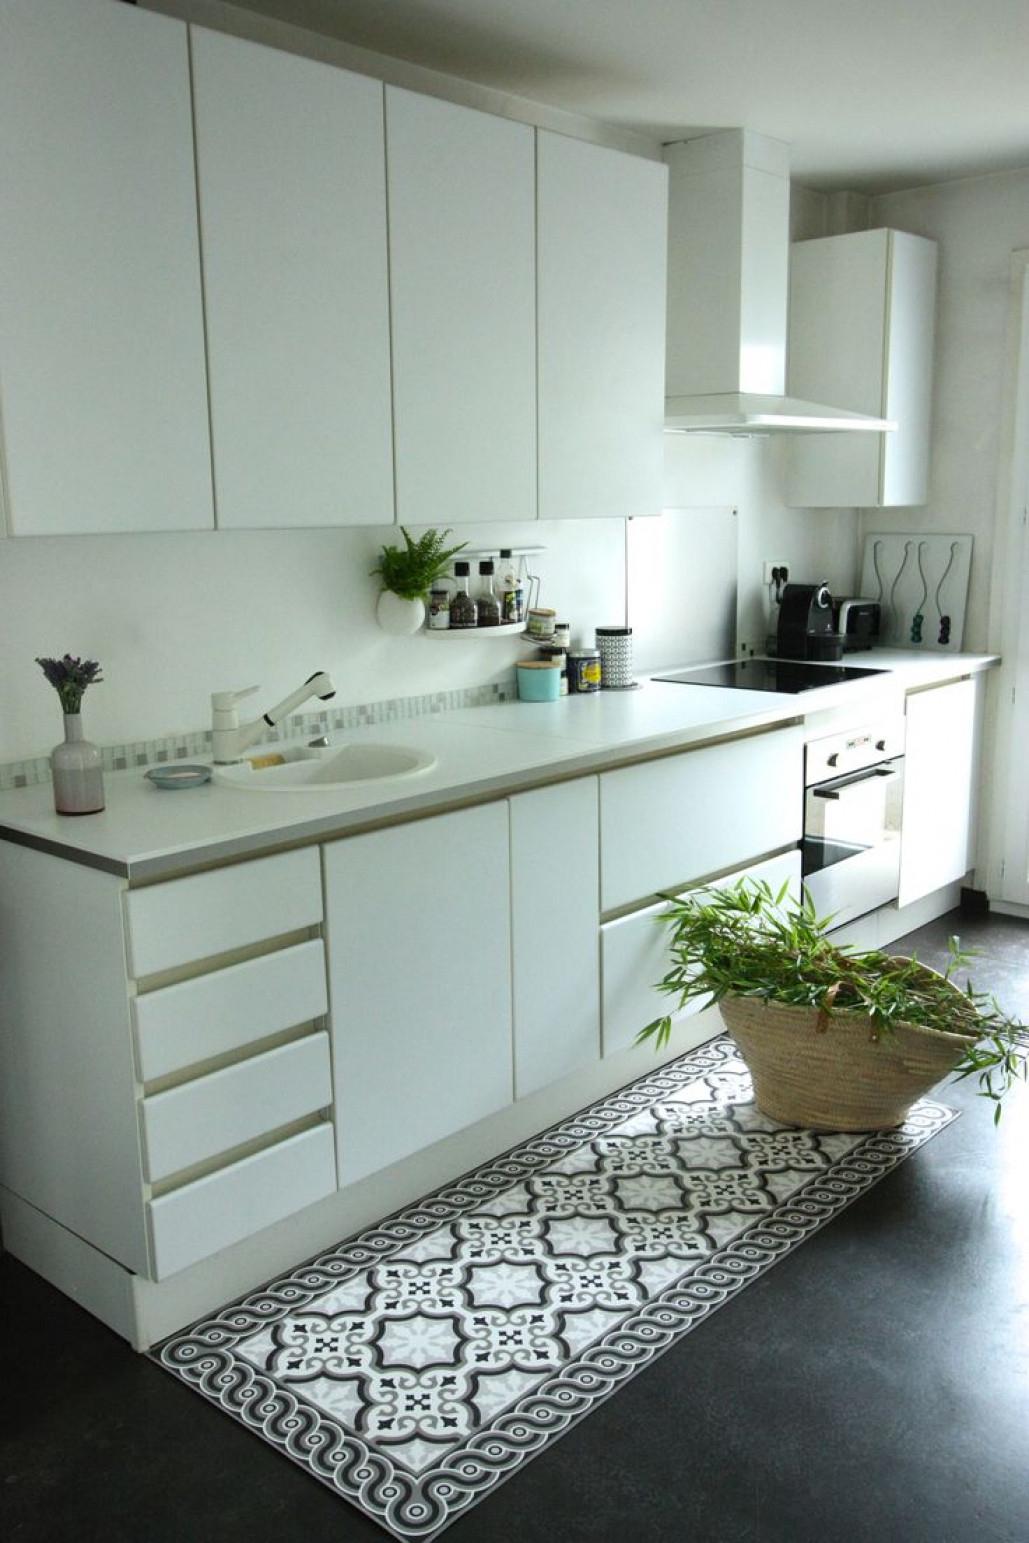 tapis lino imitation carreaux de ciment – jd3ddesigns